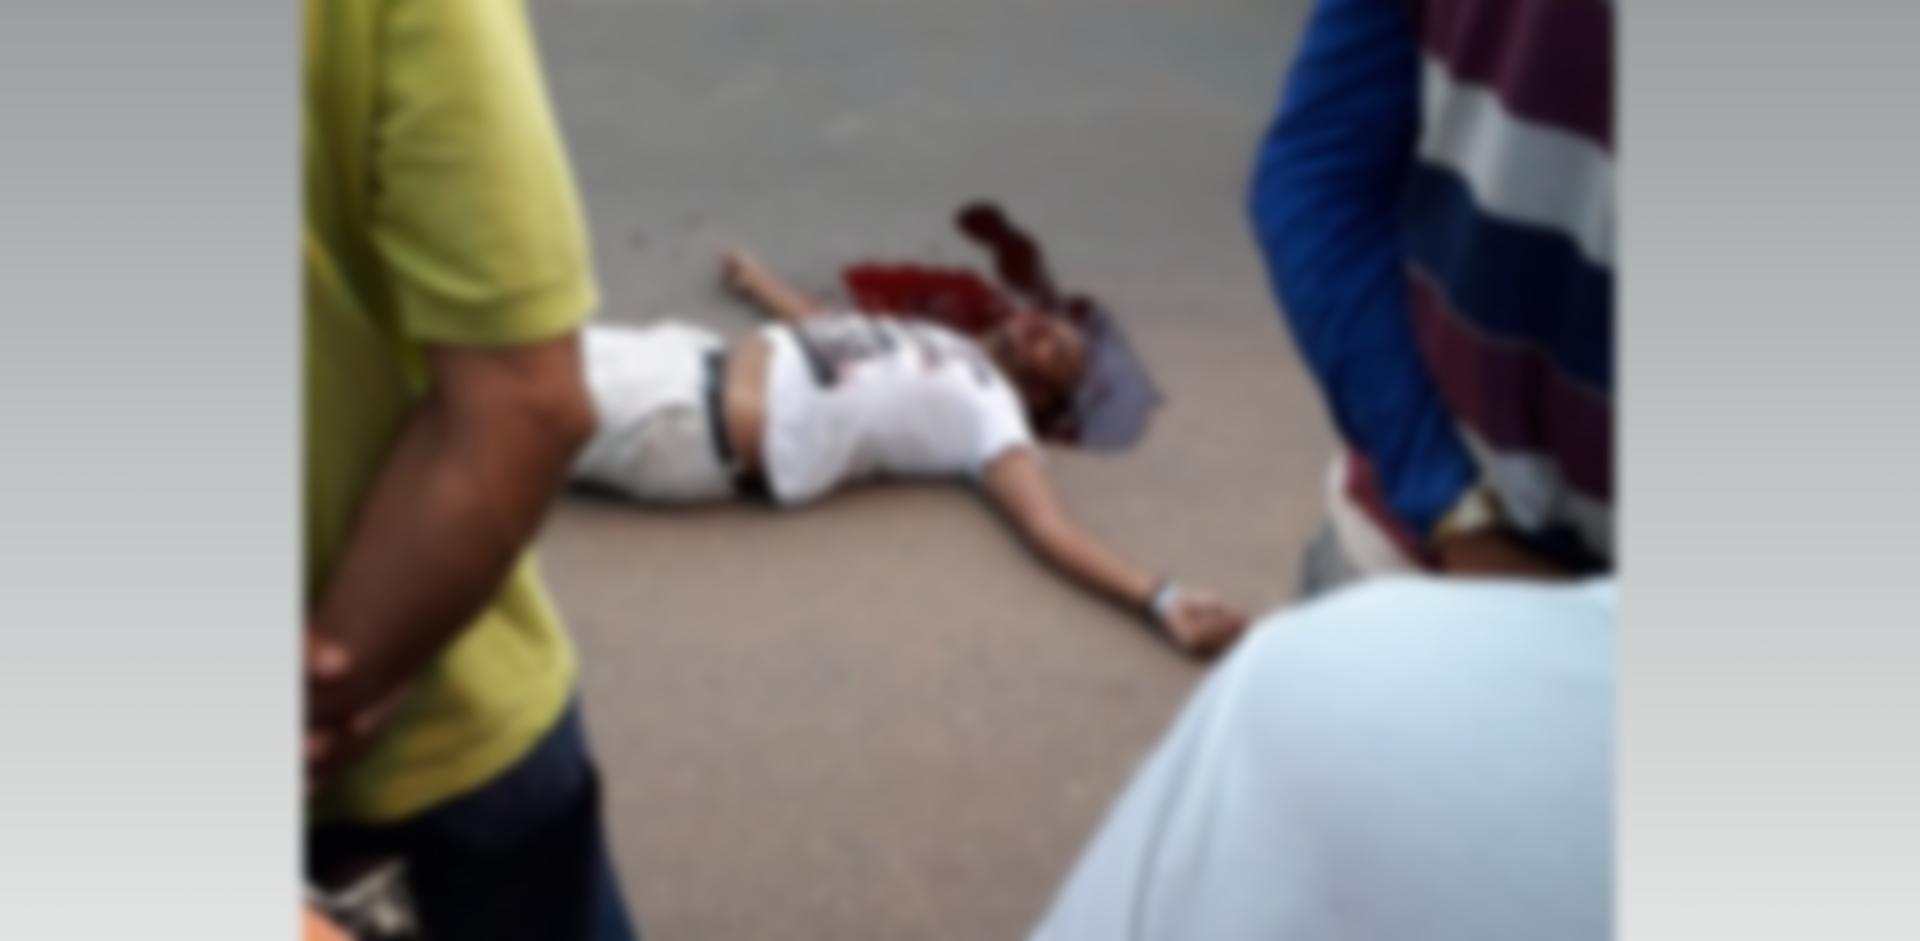 Agreste: homem tenta matar ex-namorada, atinge outra mulher e em seguida atira contra a própria cabeça